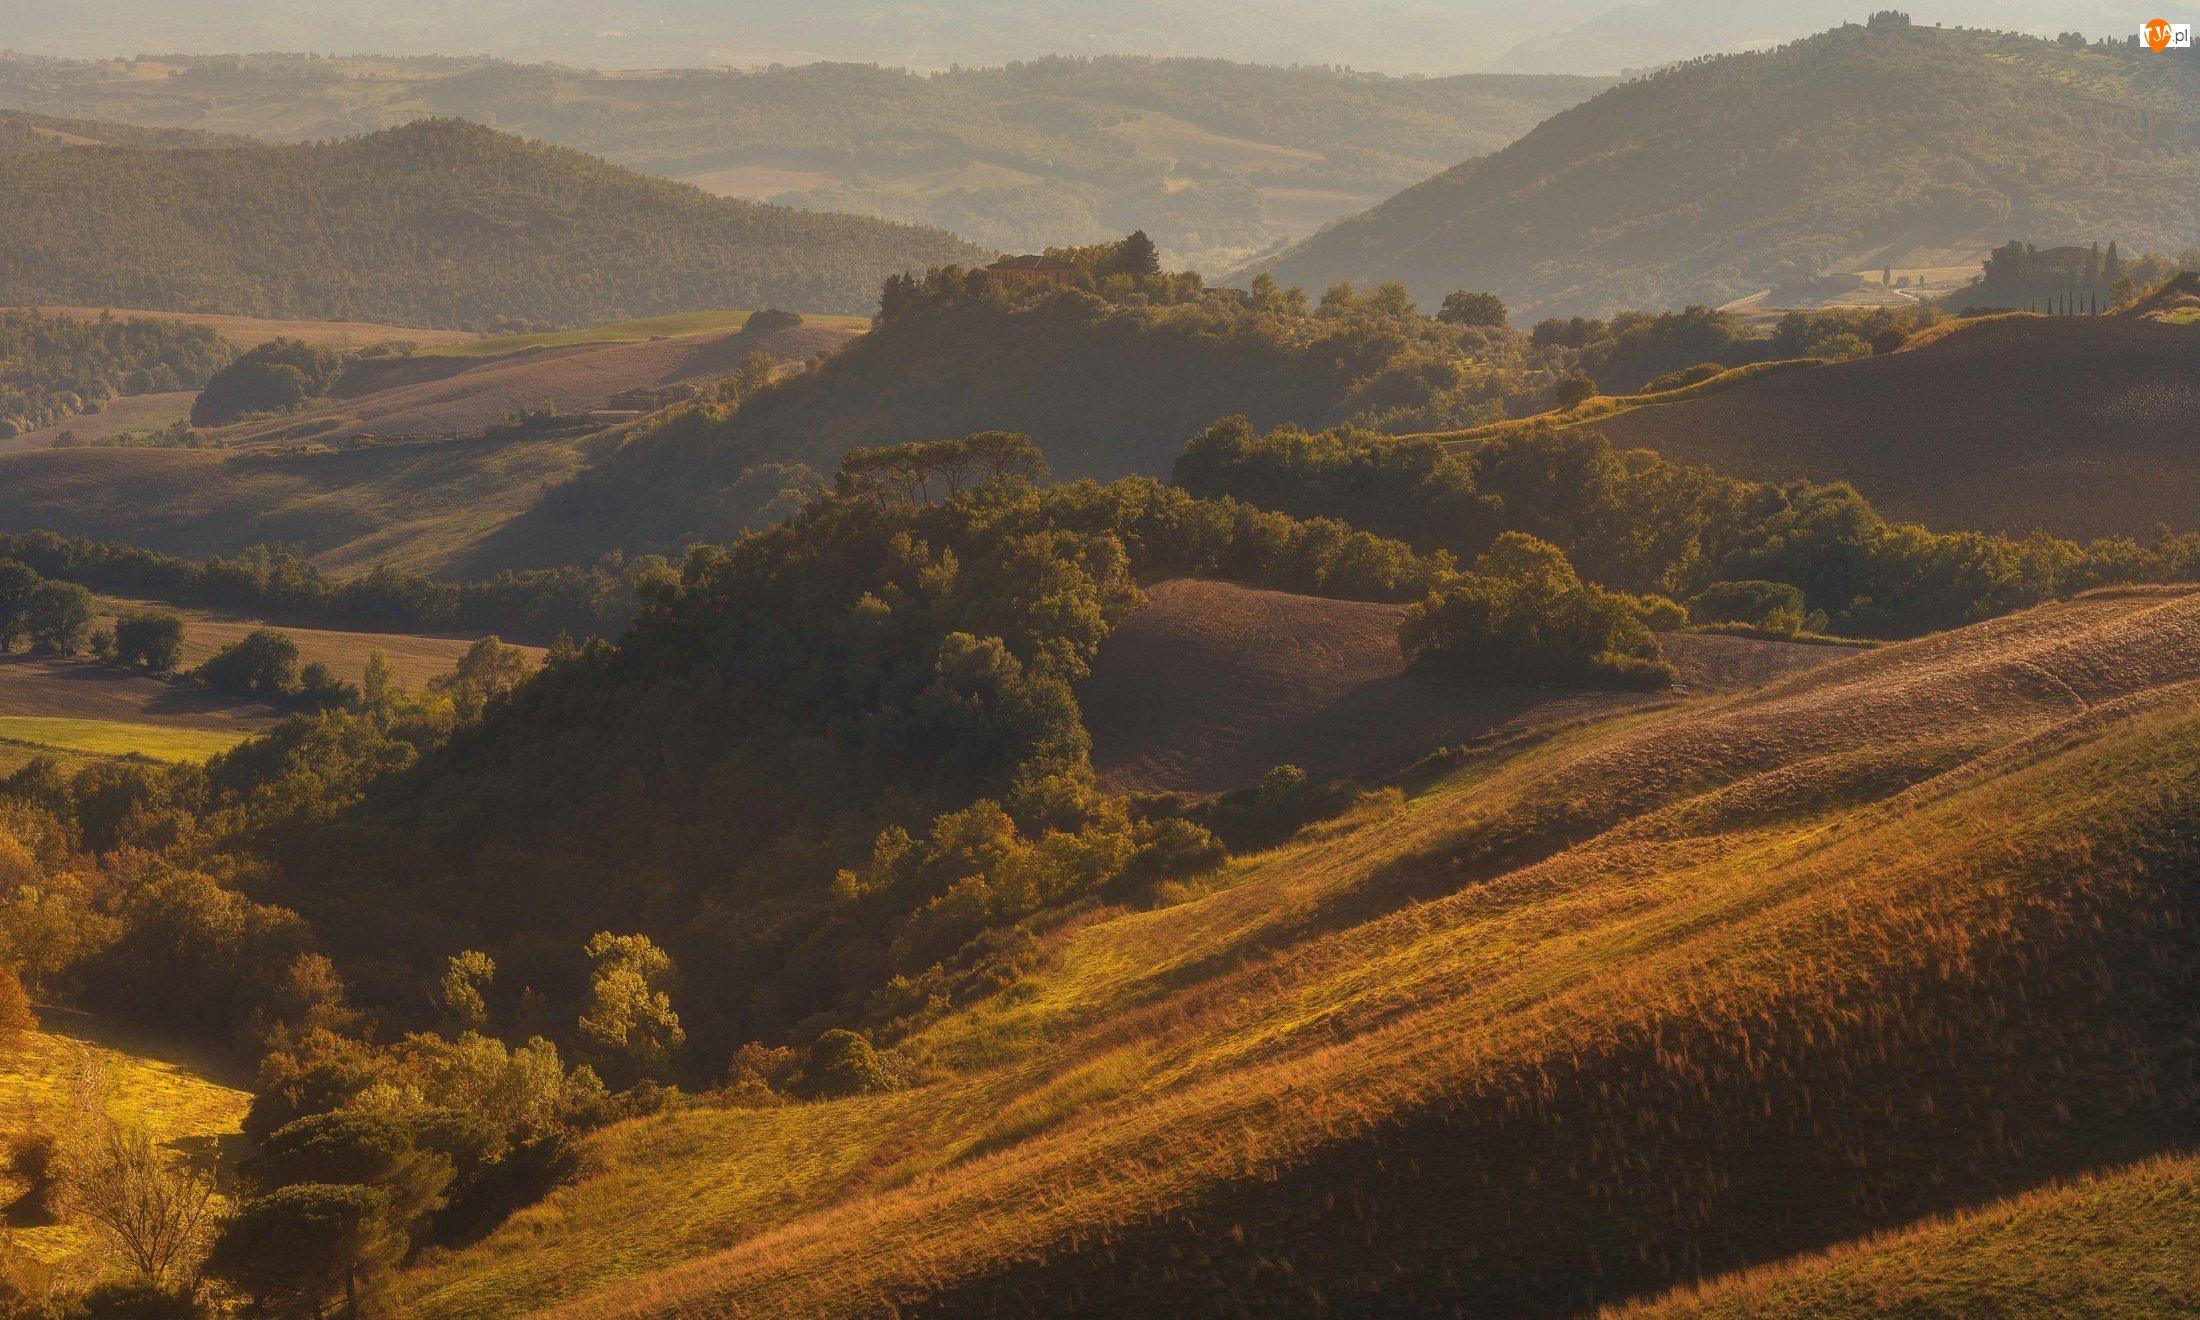 Wzgórza, Drzewa, Włochy, Domy, Toskania, Jesień